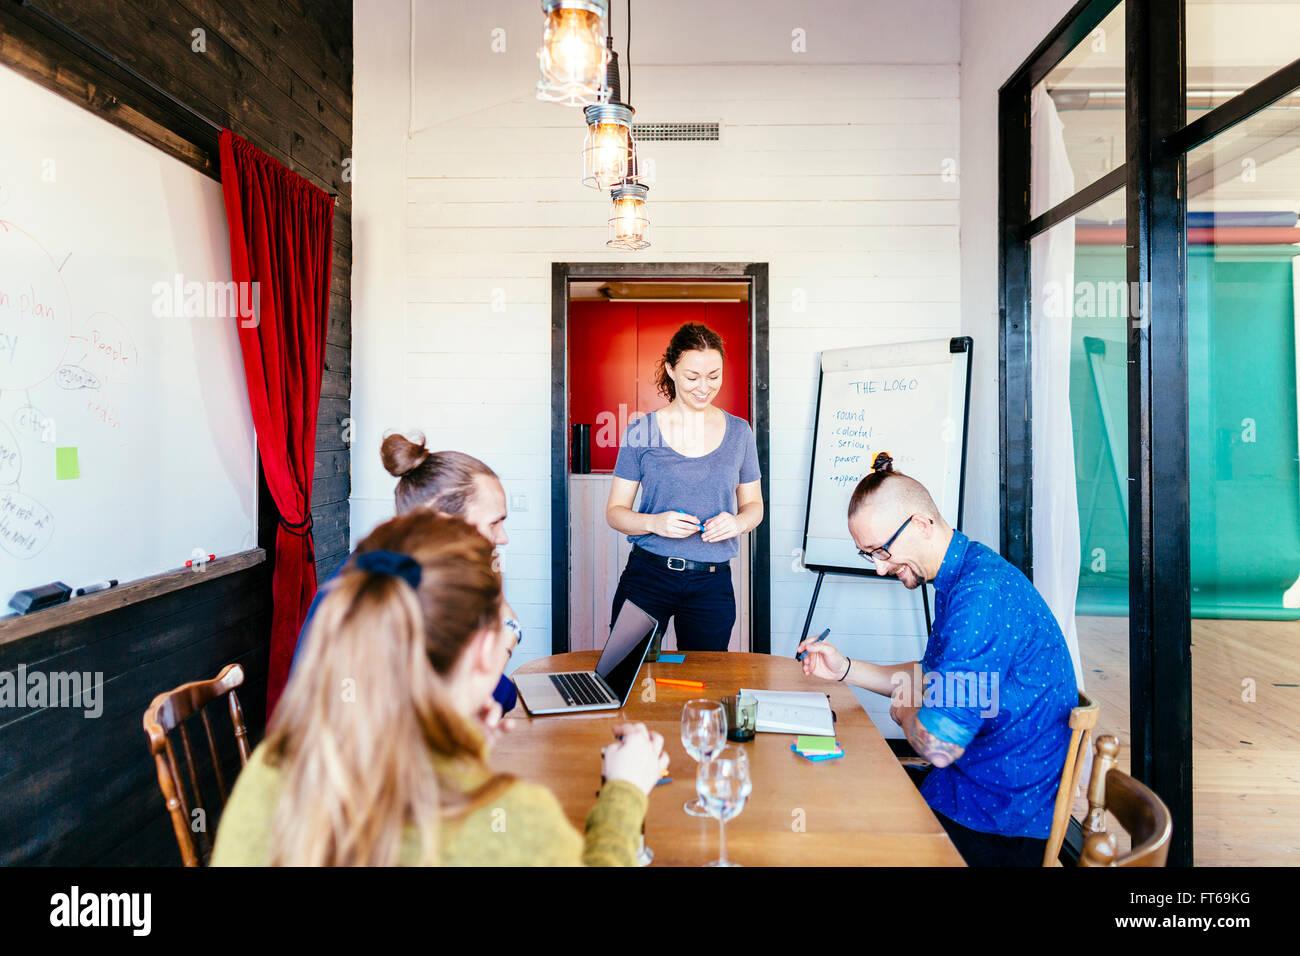 La gente de negocio creativo tras el debate en la mesa en la sala de la junta Imagen De Stock